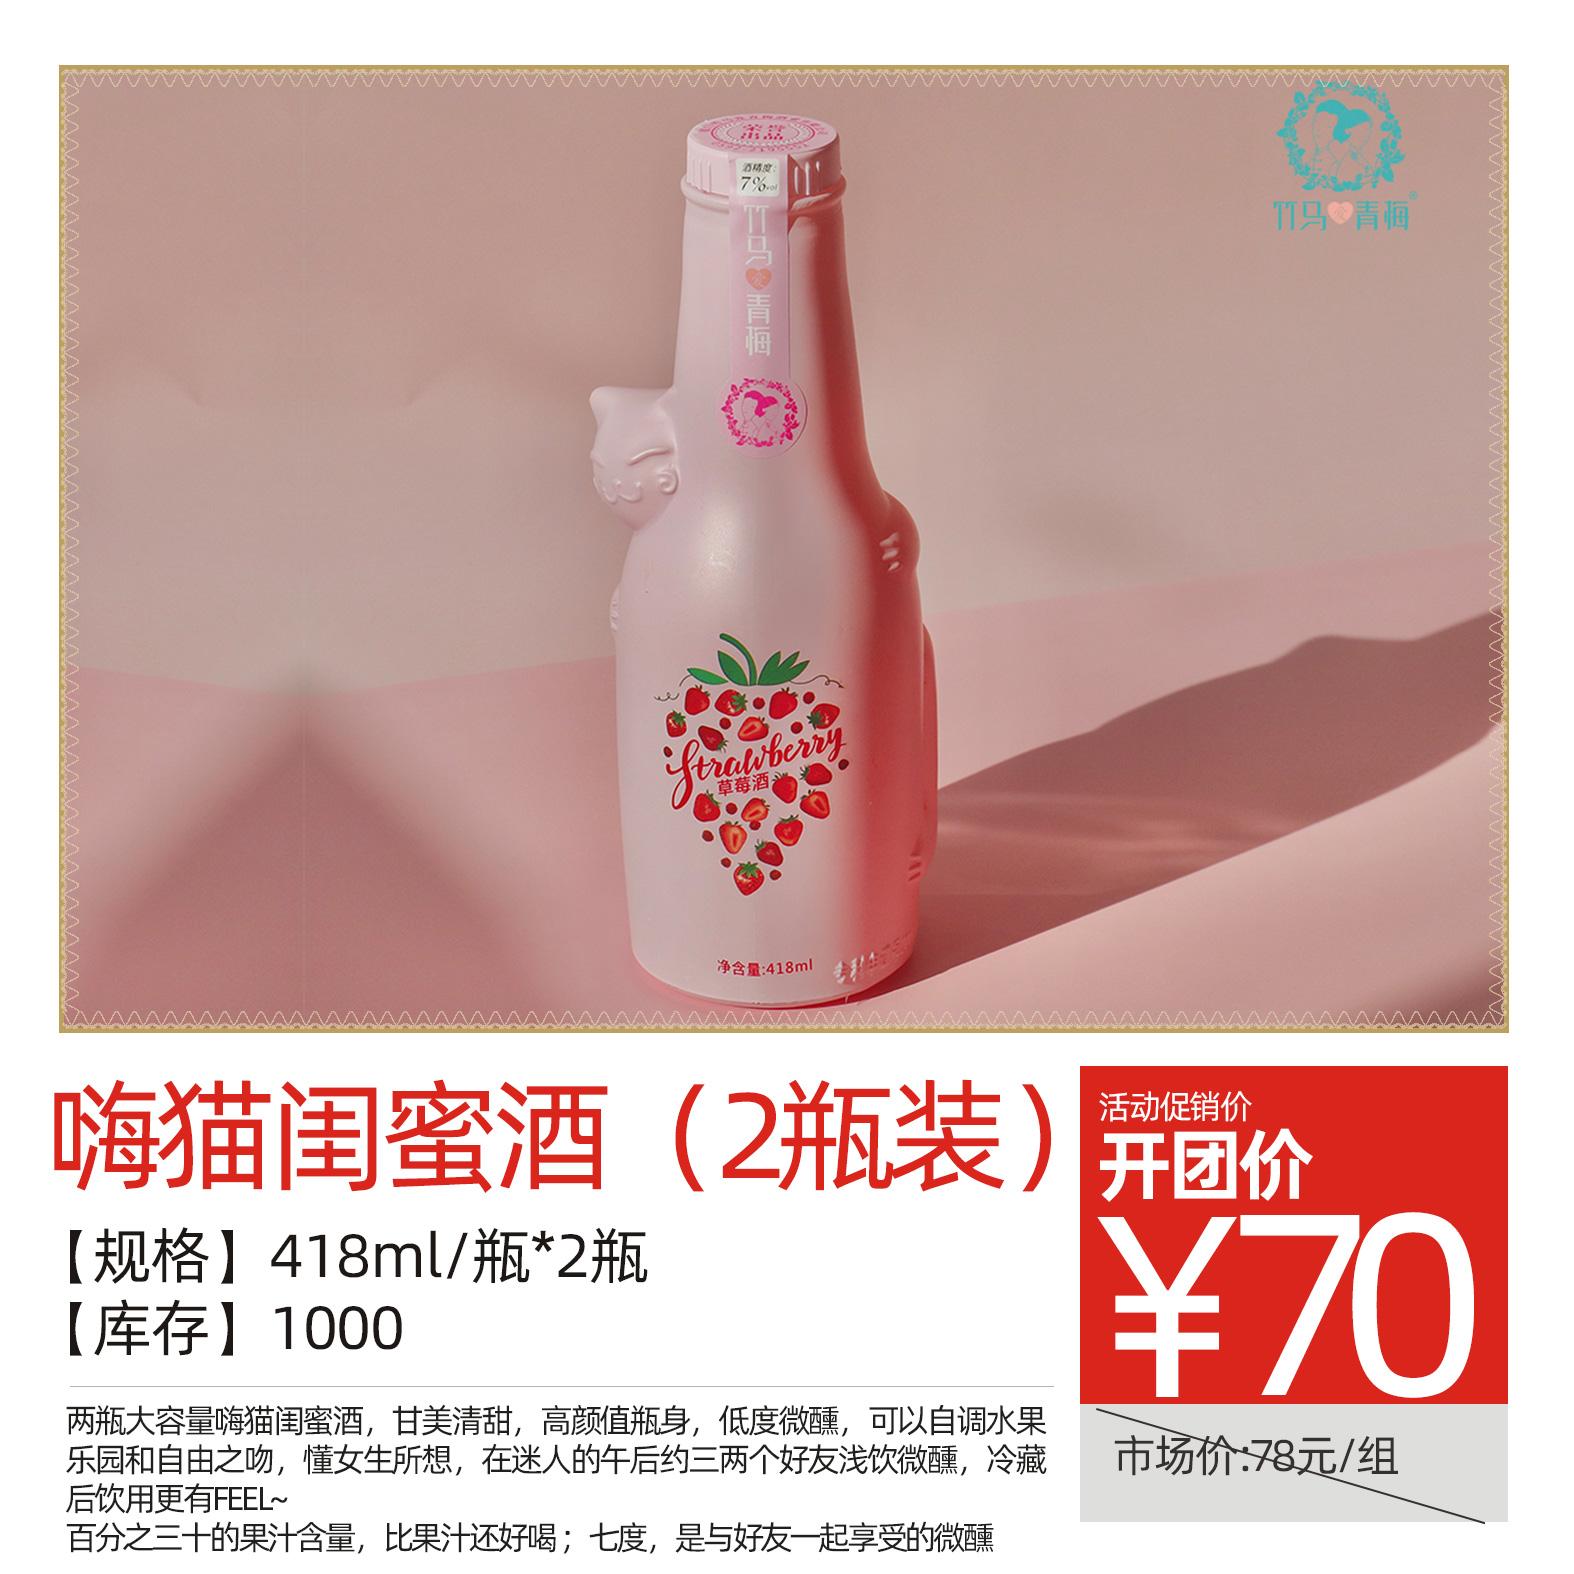 竹马爱青梅嗨猫闺蜜酒